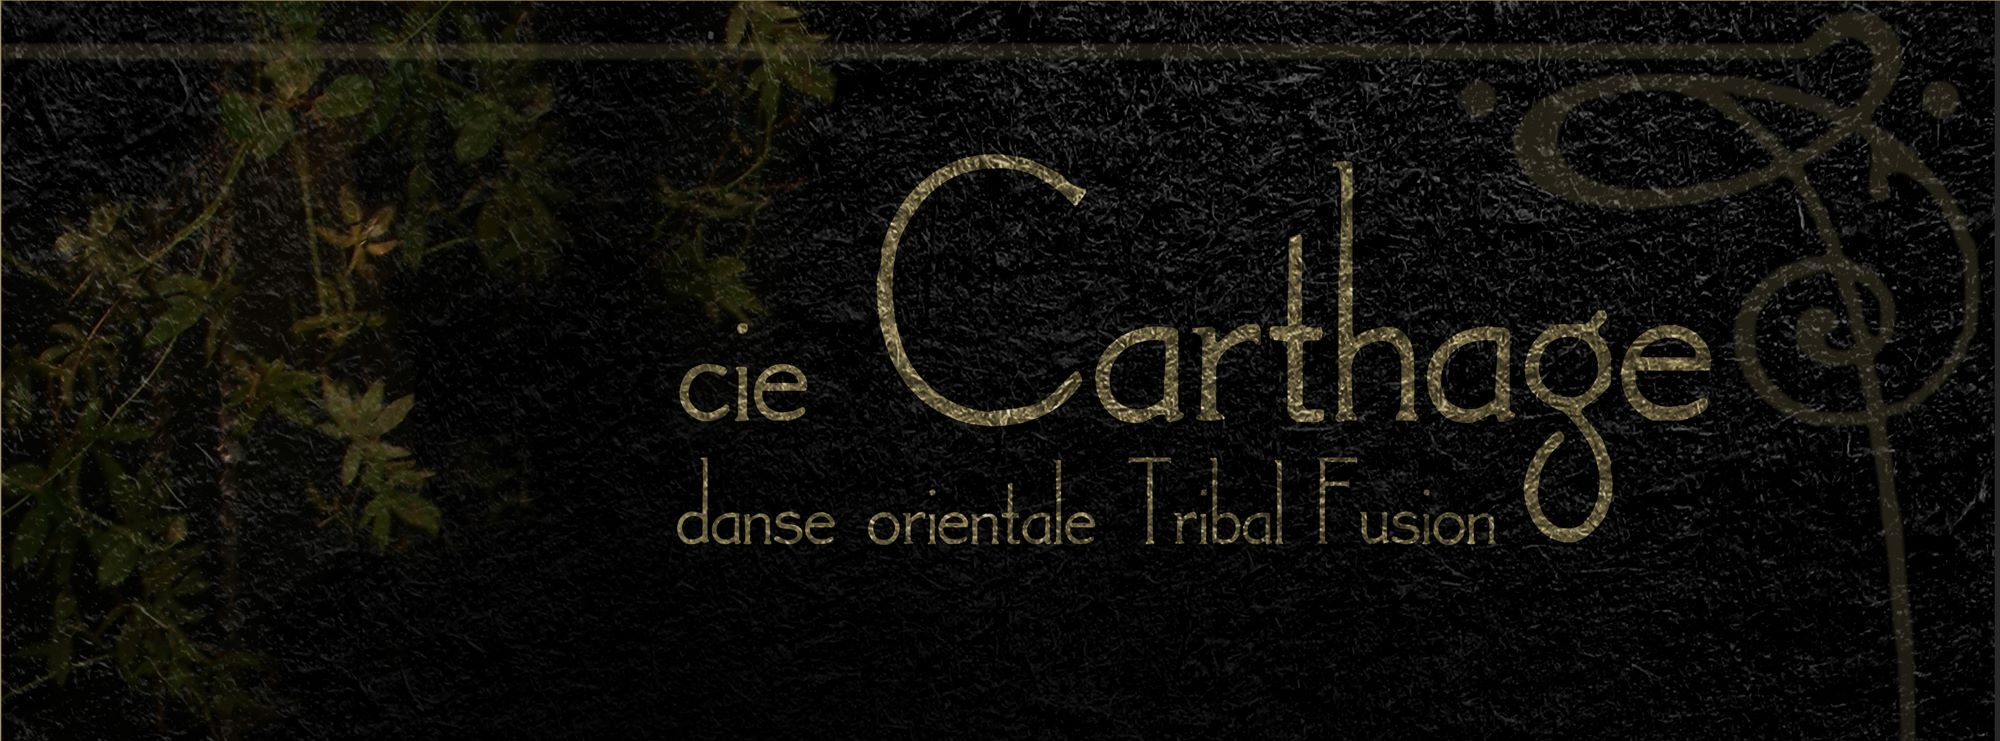 Cie Carthage - bannière